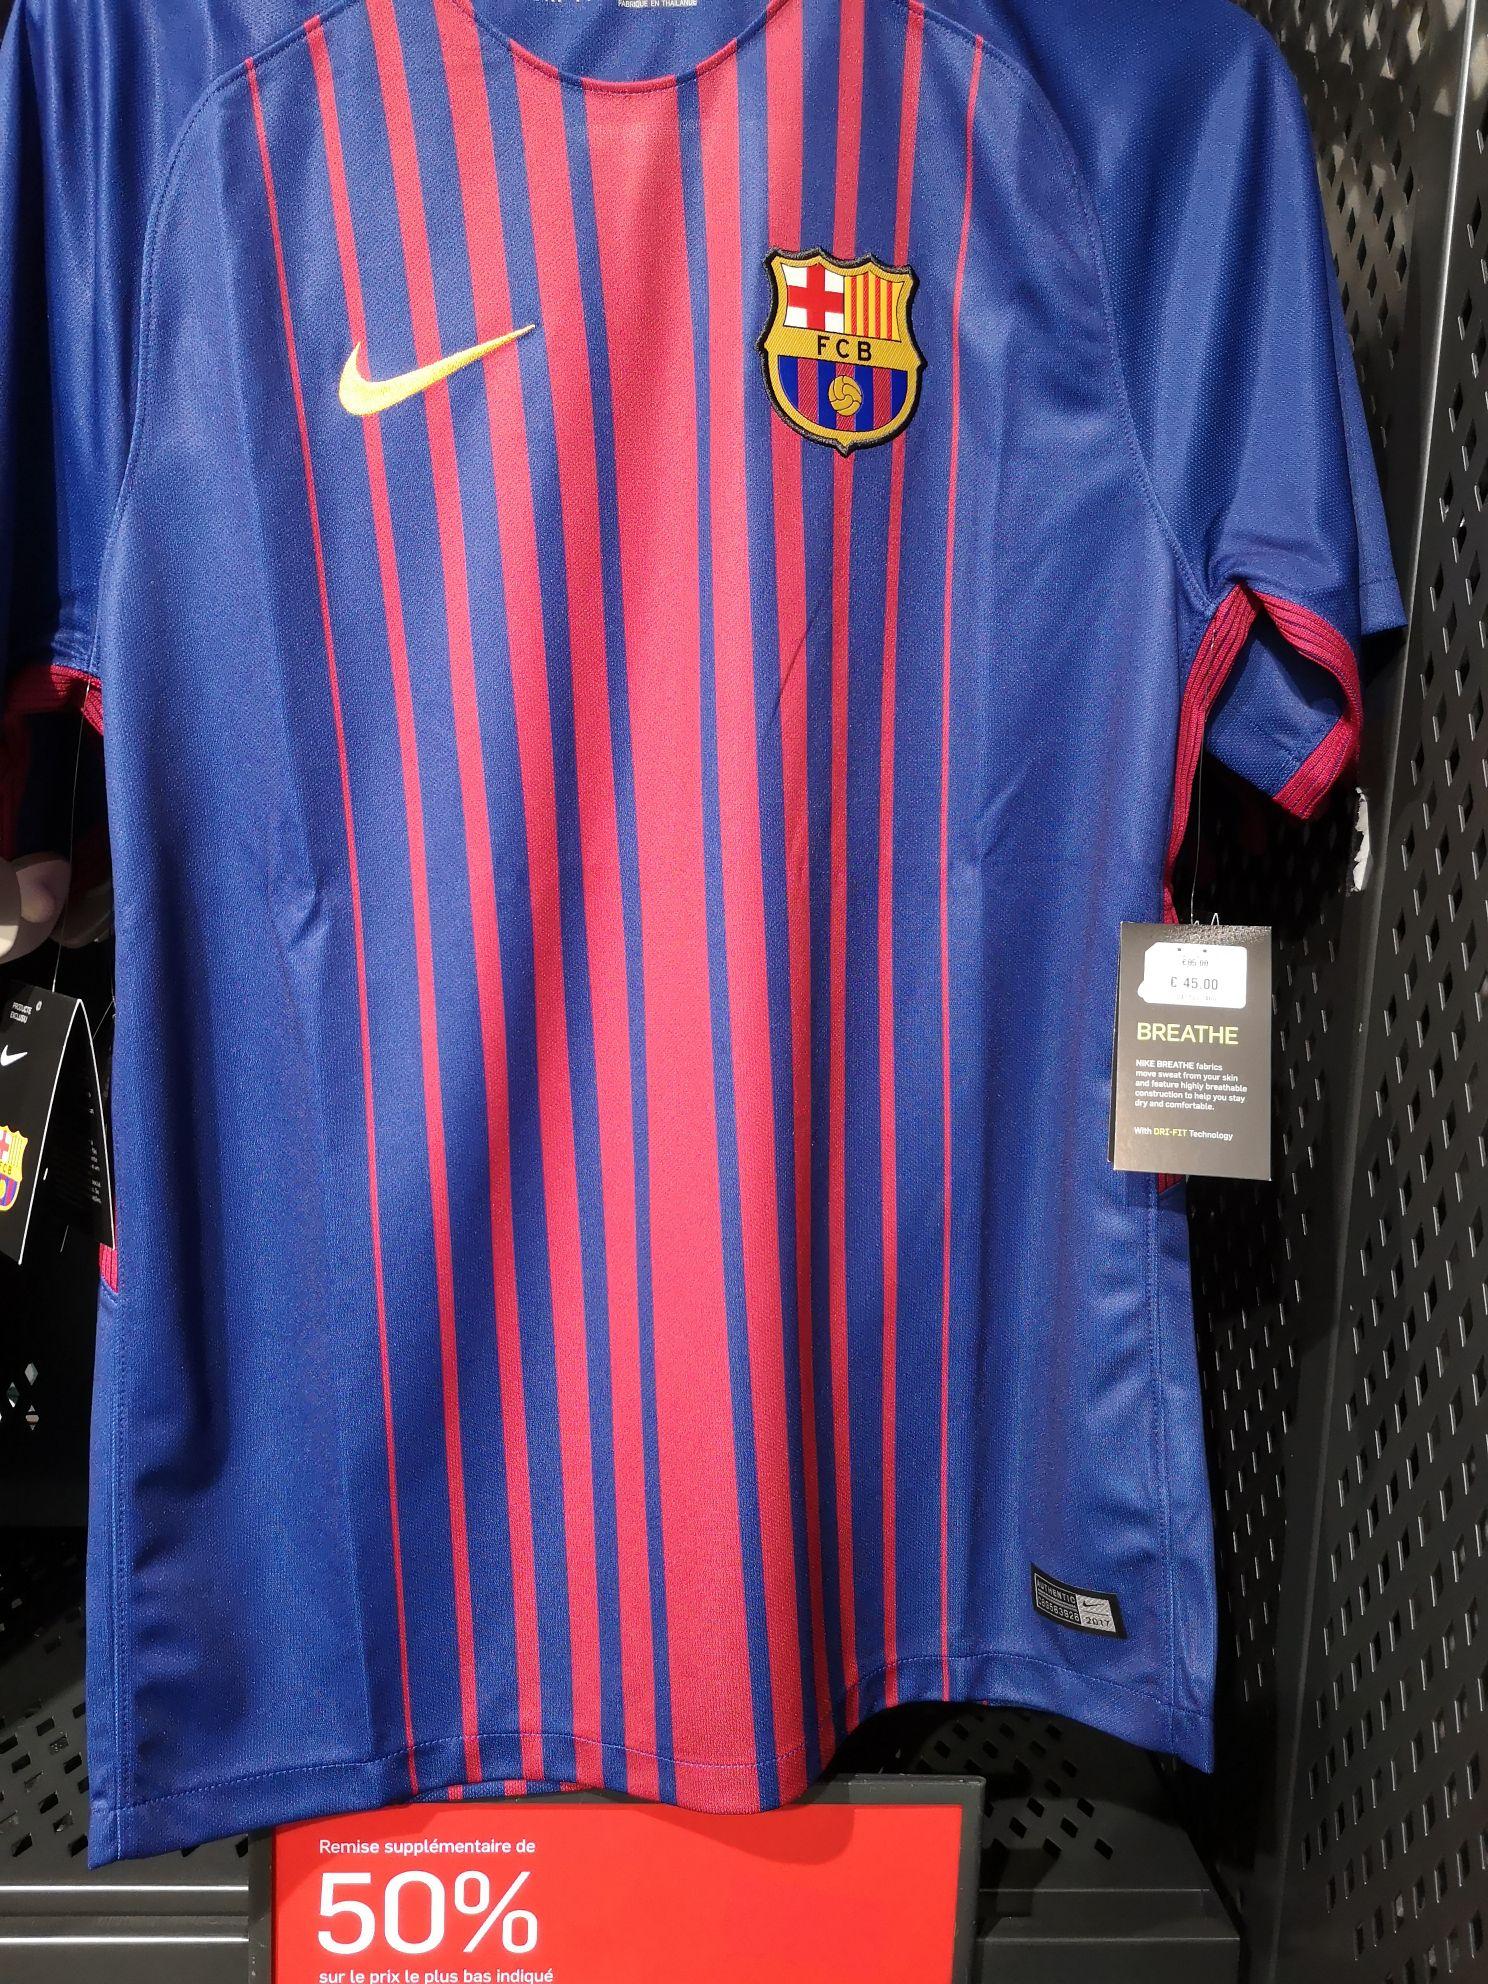 Maillot de football Nike FC Barcelone 17/18 domicile - Nike Factory Store Villeneuve-d'Ascq (59)